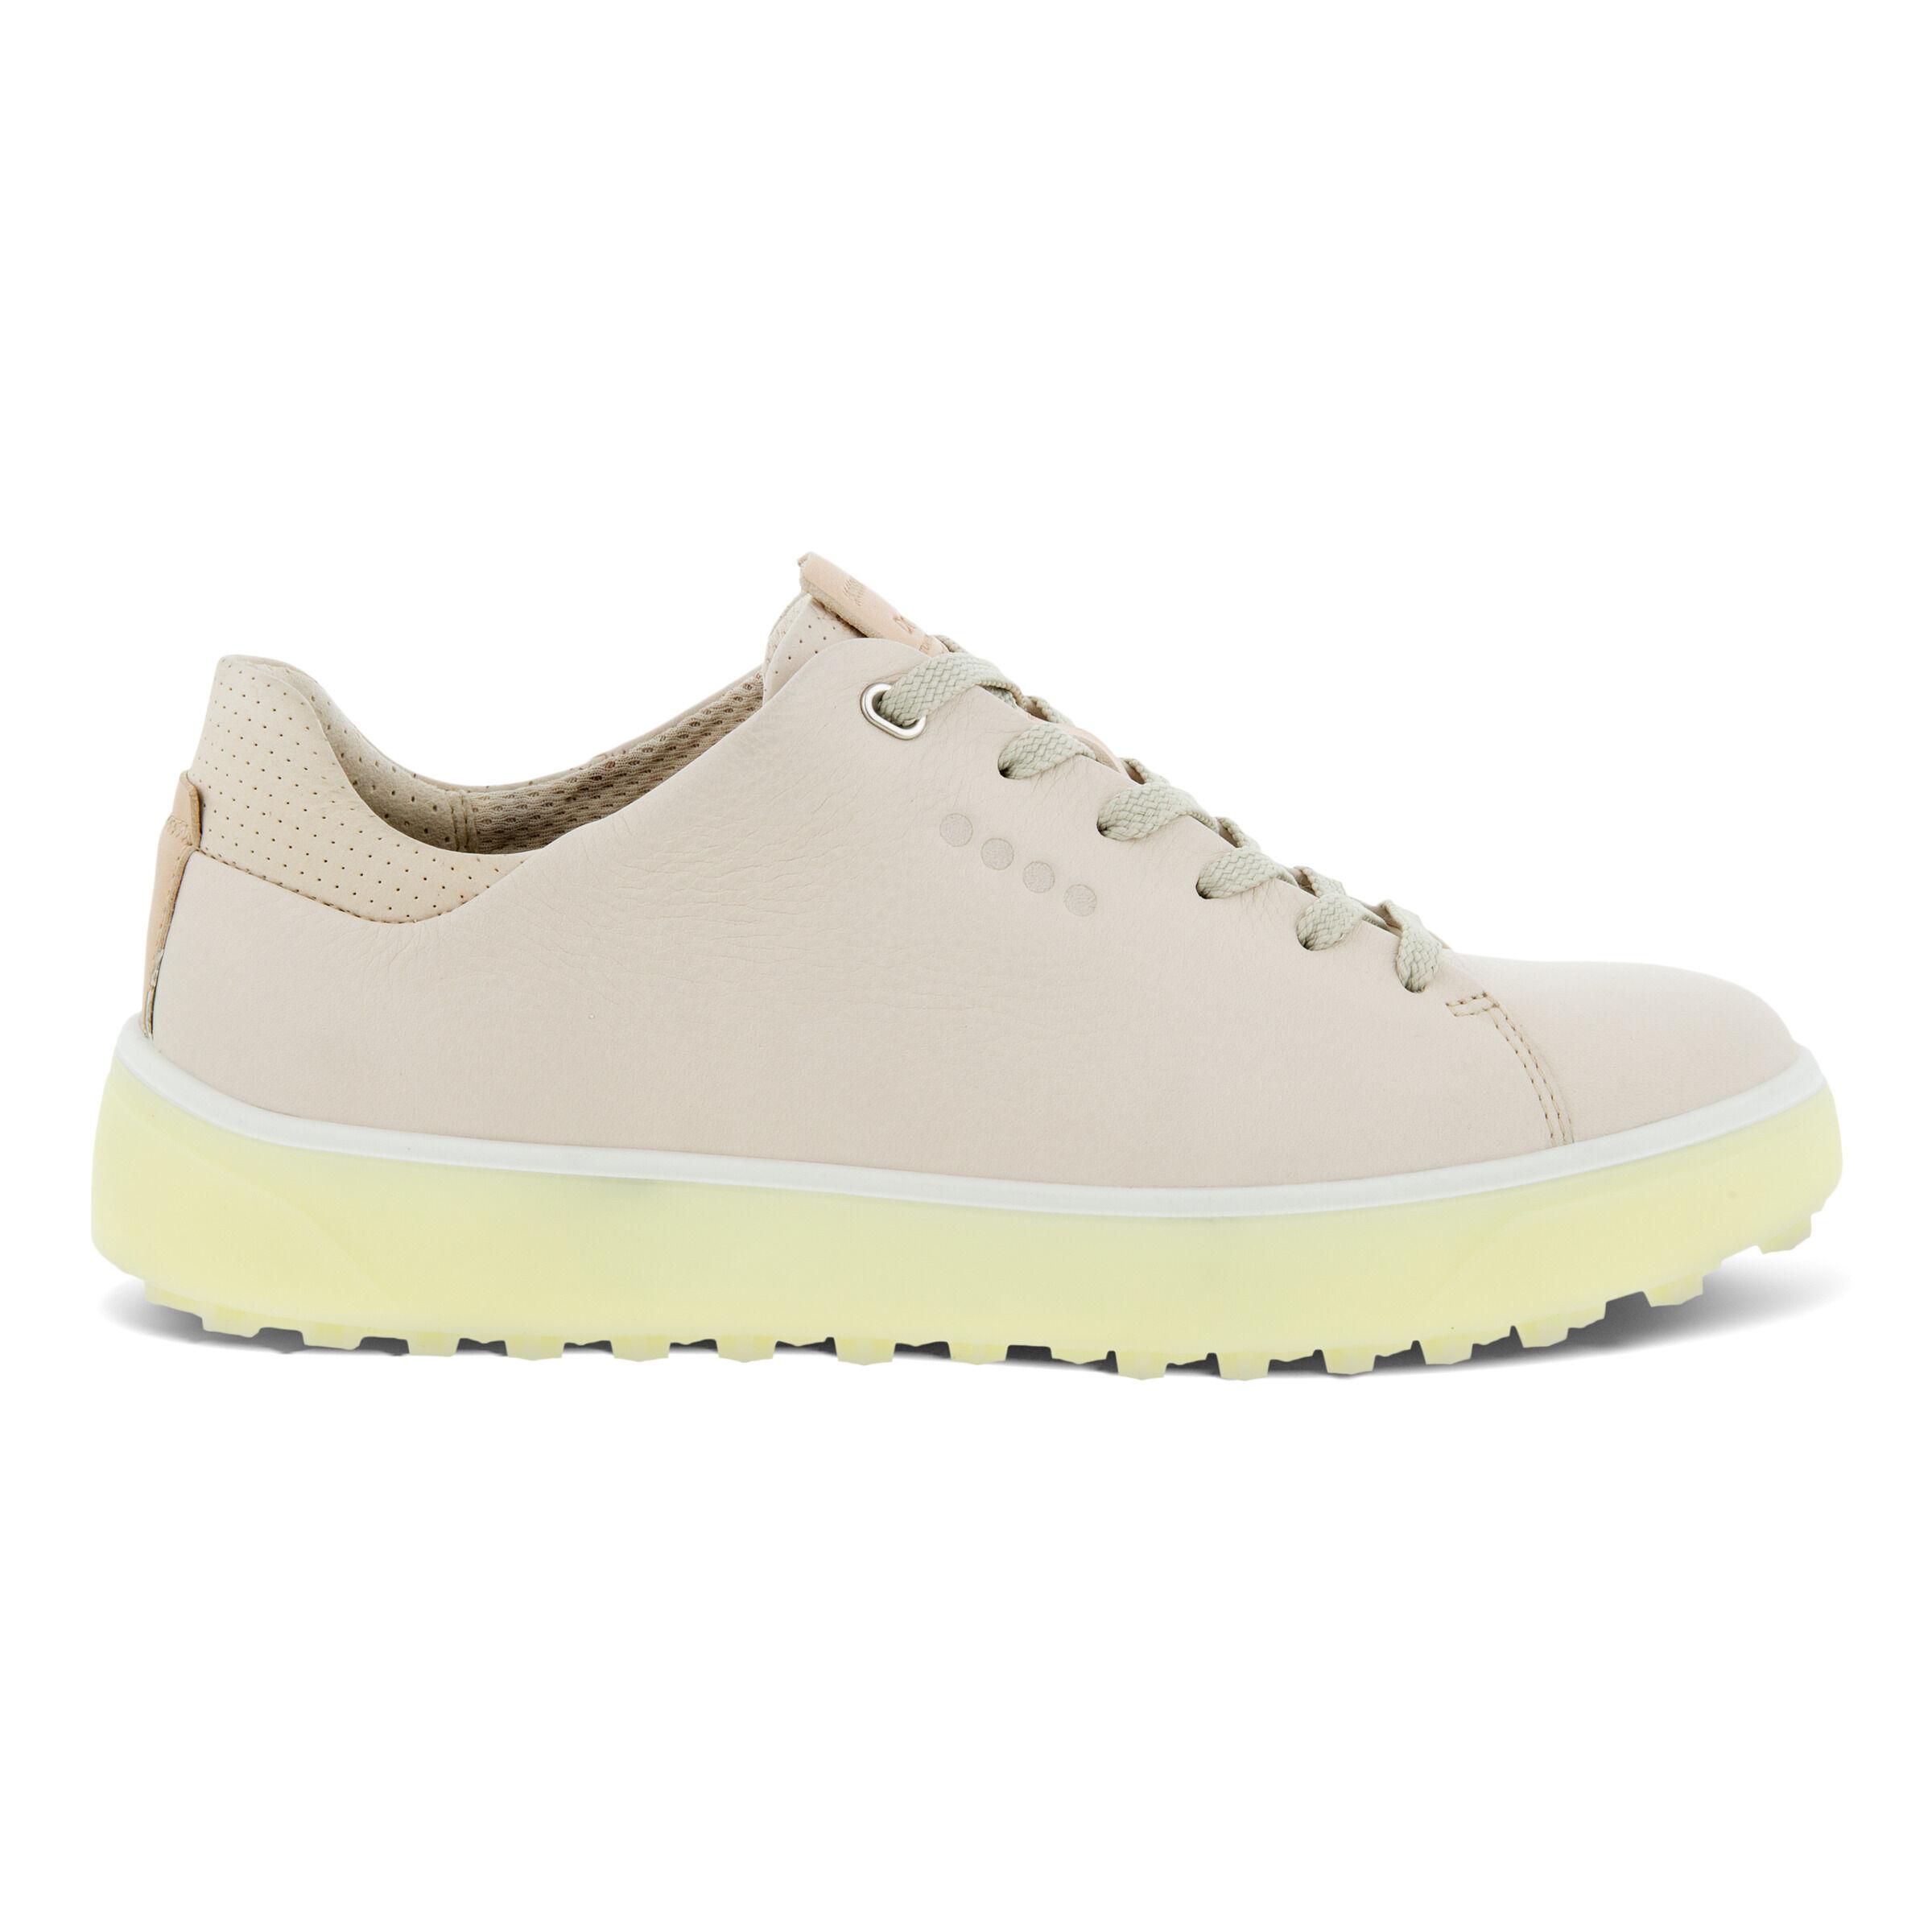 에코 우먼 골프화 ECCO Womens GOLF TRAY Laced Shoes,LIMESTONE